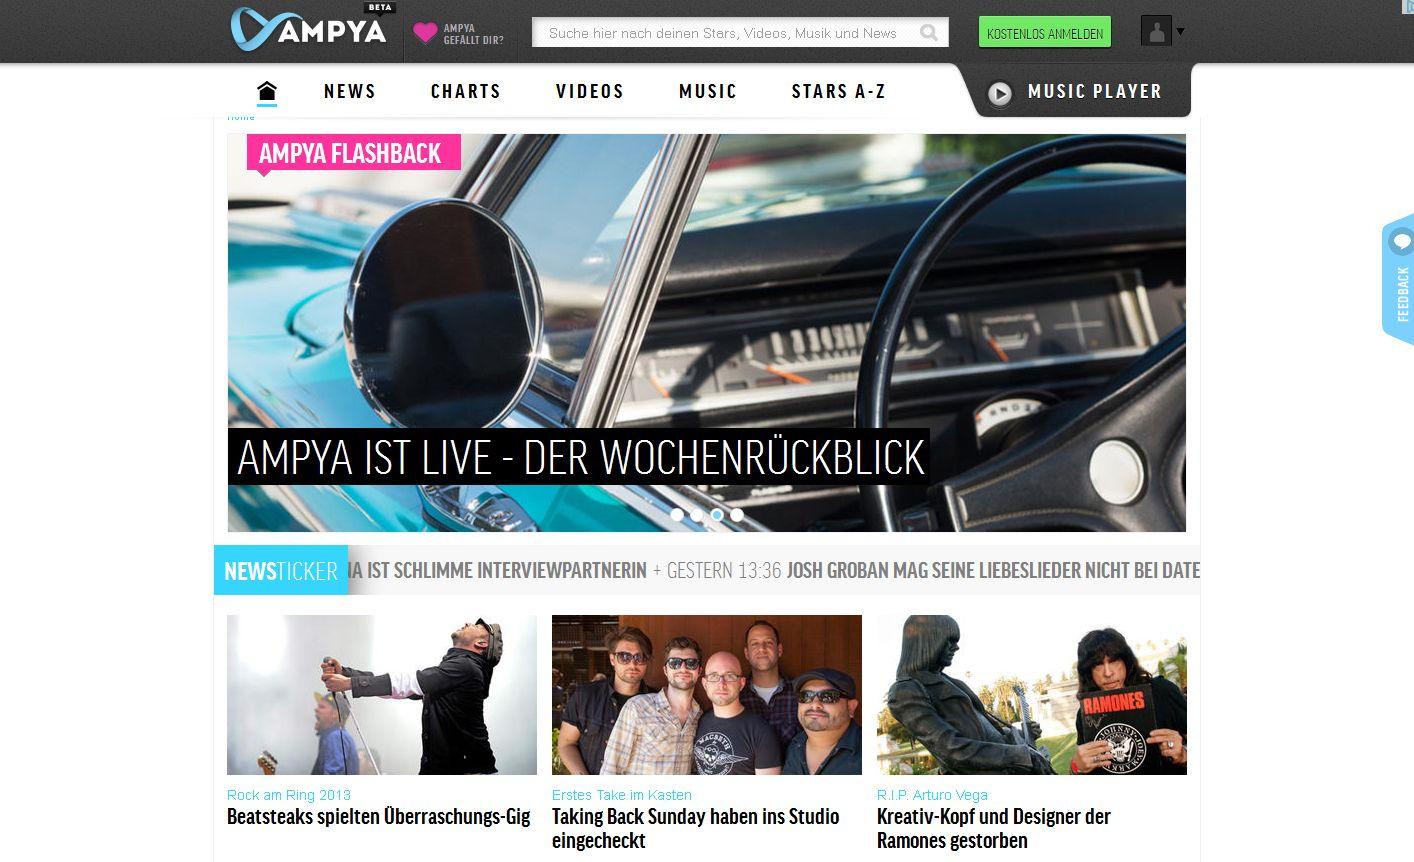 Musikservice Ampya von ProSiebenSat.1 geht an den Start